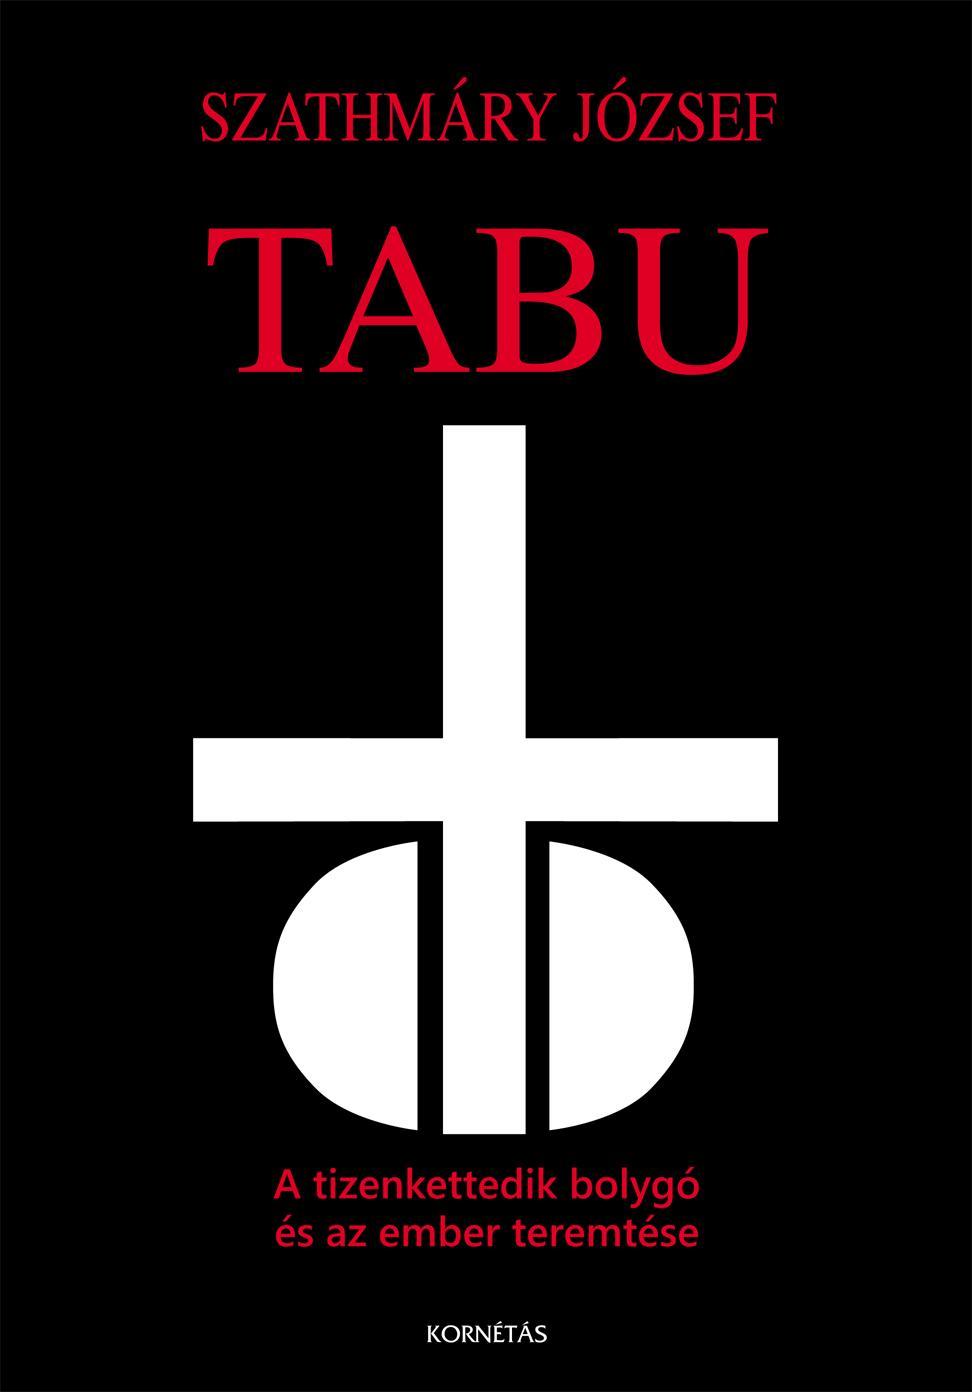 TABU - A TIZENKETTEDIK BOLYGÓ ÉS AZ EMBER TEREMTÉSE